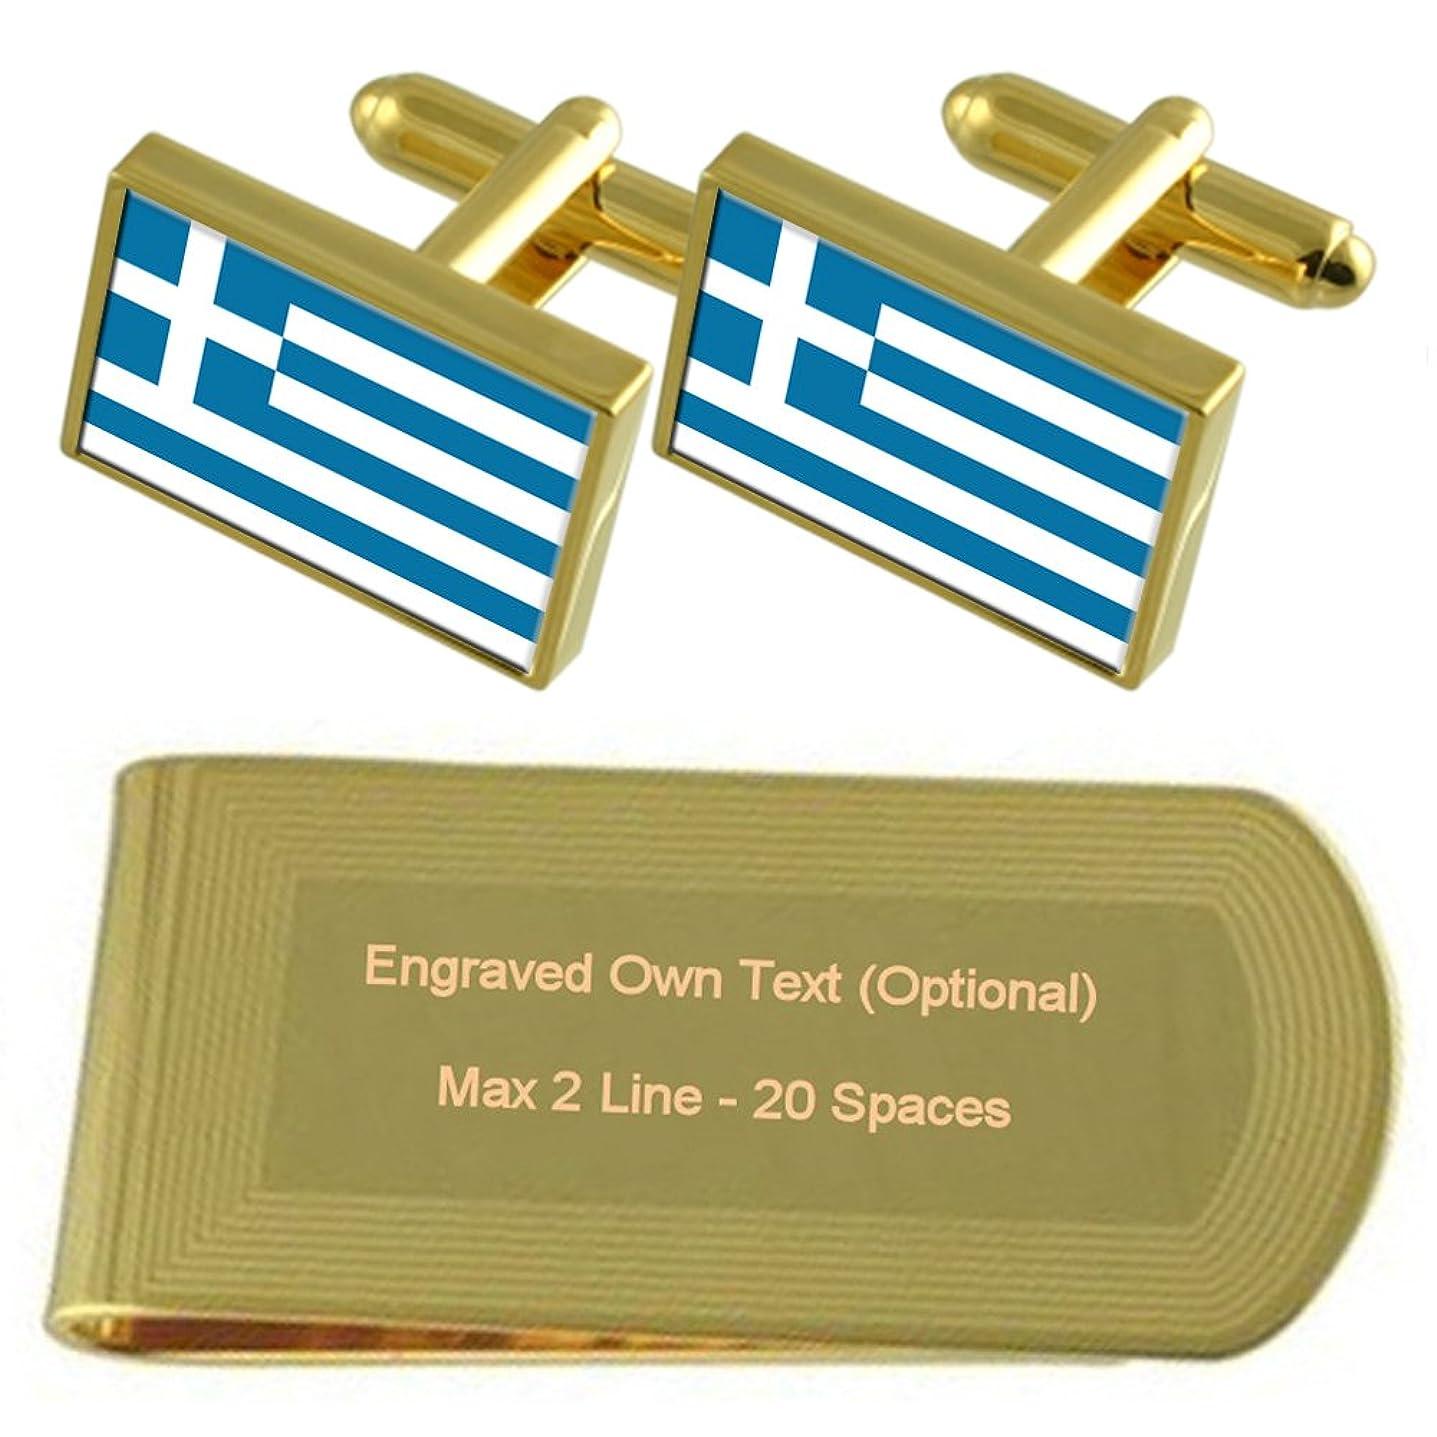 挑発する請求書ひもギリシャの国旗のゴールド?トーン カフスボタン お金クリップを刻まれたギフトセット